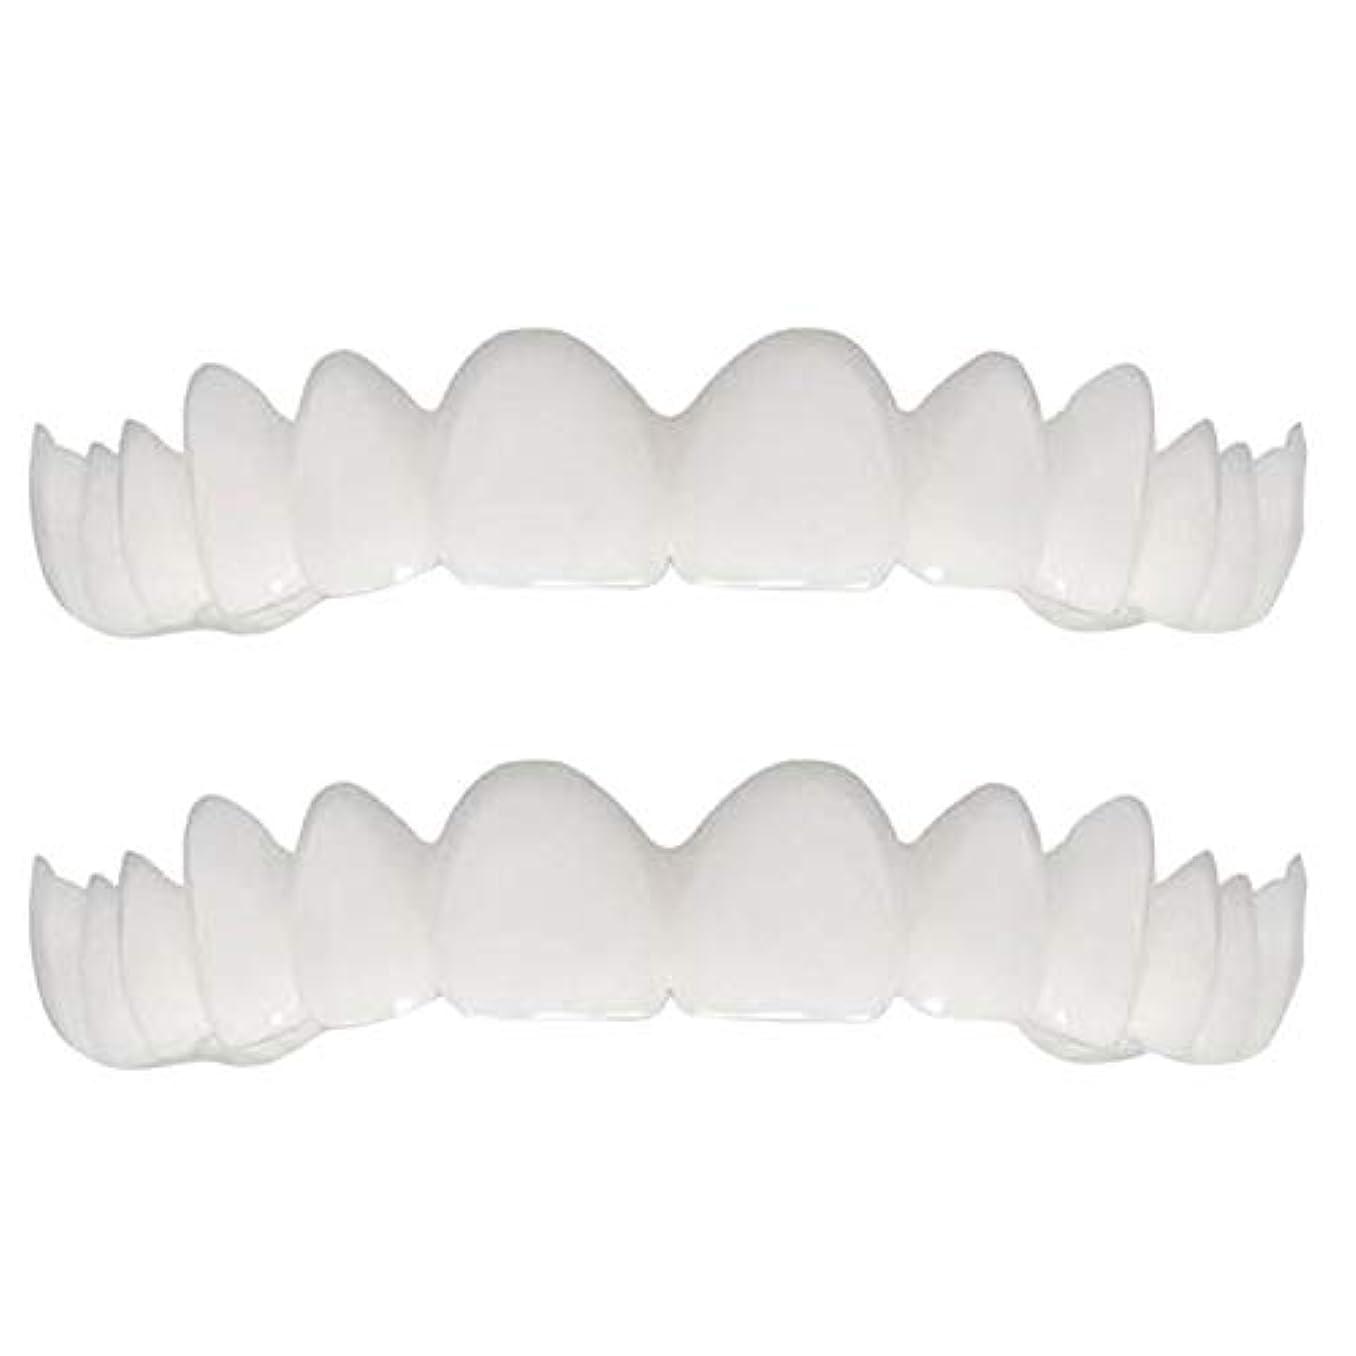 消化器加害者サンダルシリコーンシミュレーション義歯、白い歯ブレースの上下の列(2セット),Boxed,UpperLower